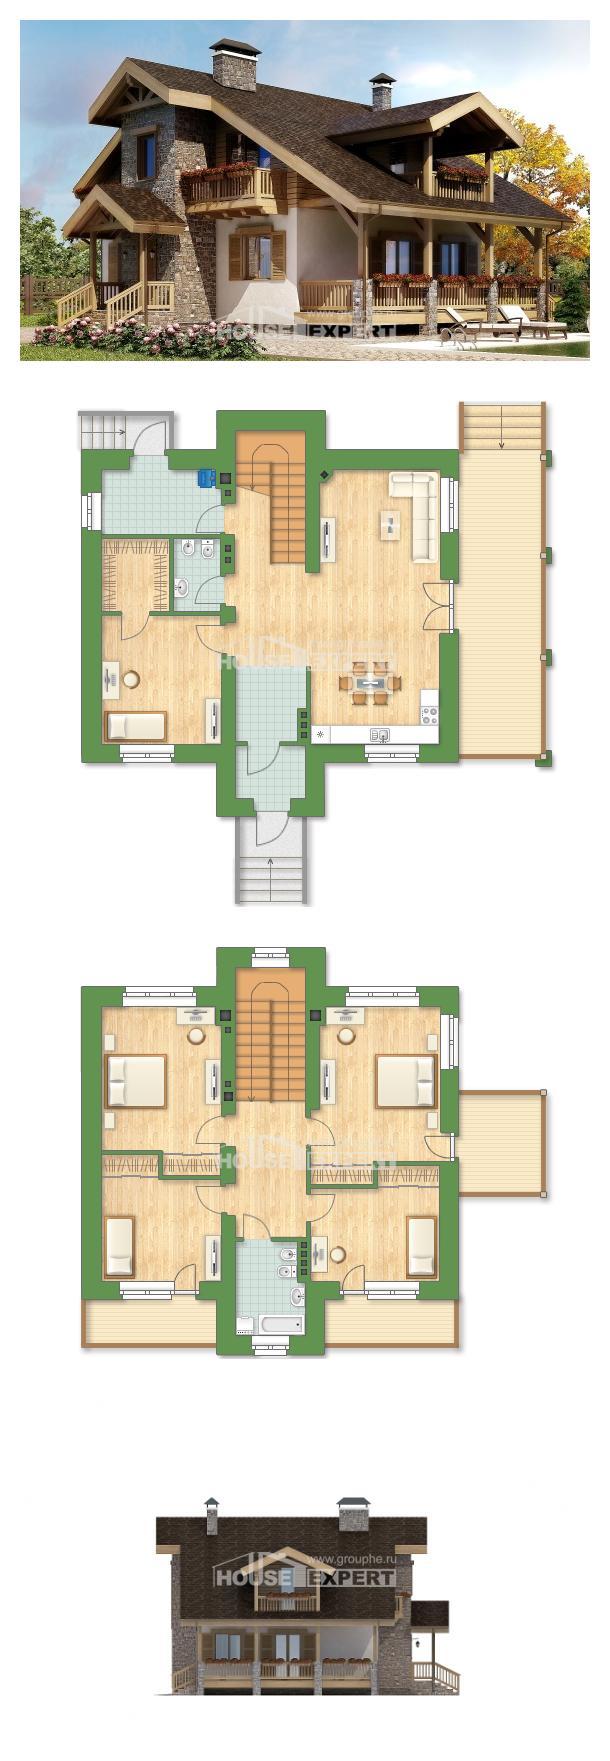 Проект дома 150-004-П   House Expert